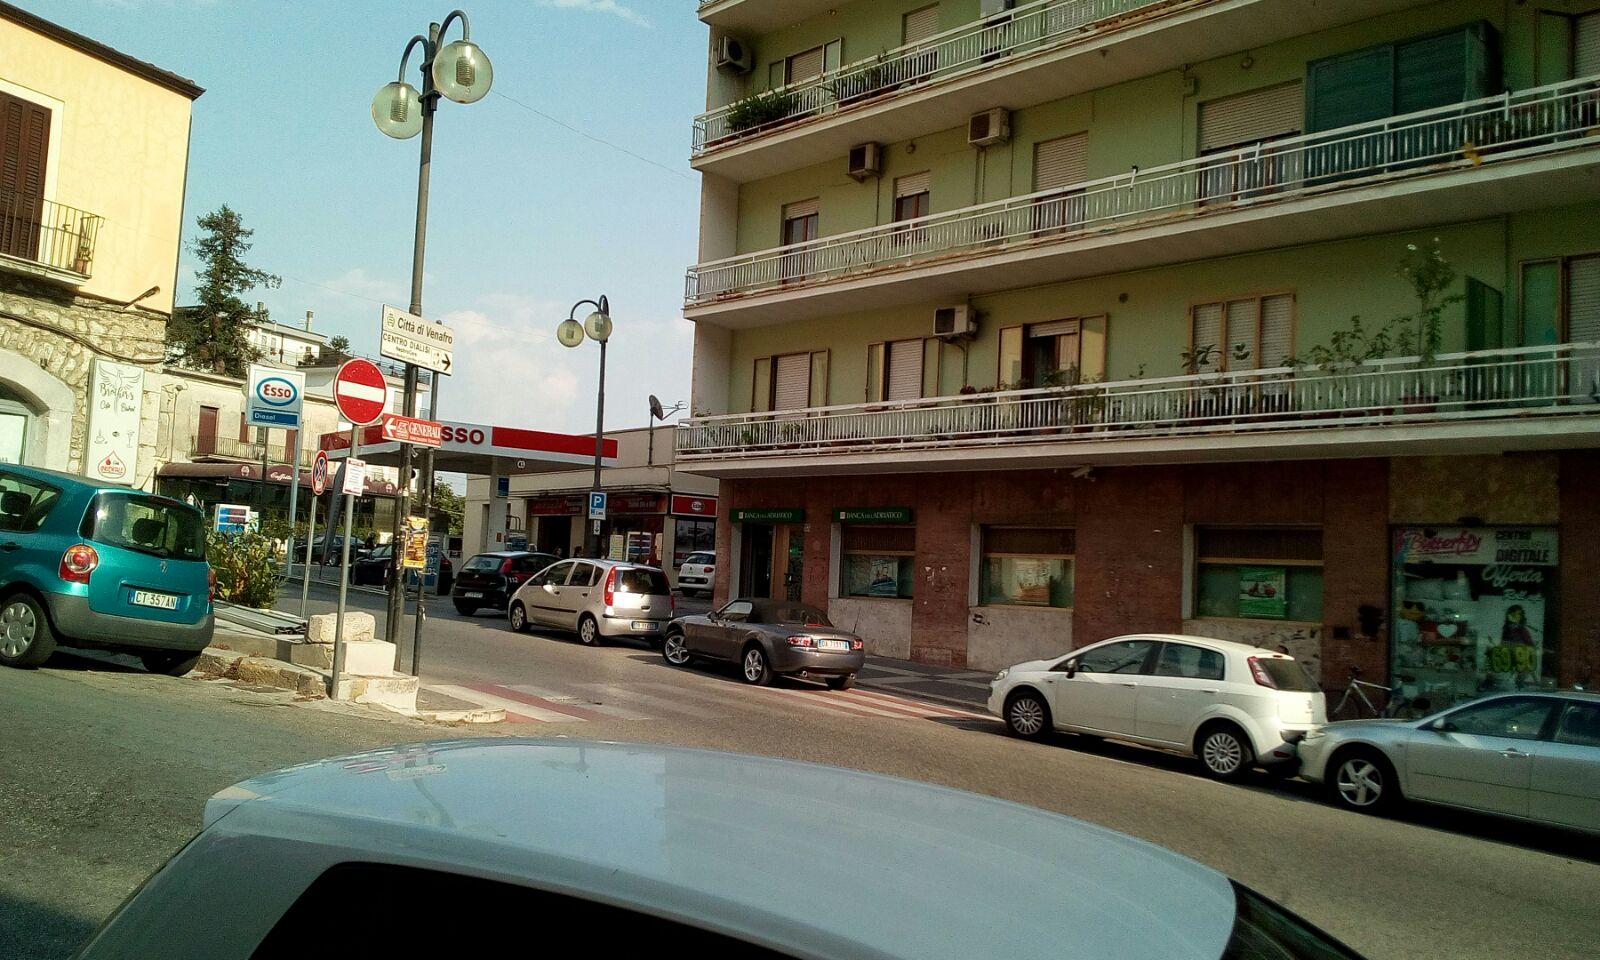 Rapina alla banca dell'Adriatico di Venafro, malvivente aggredisce cassiere e si fa consegnare i soldi